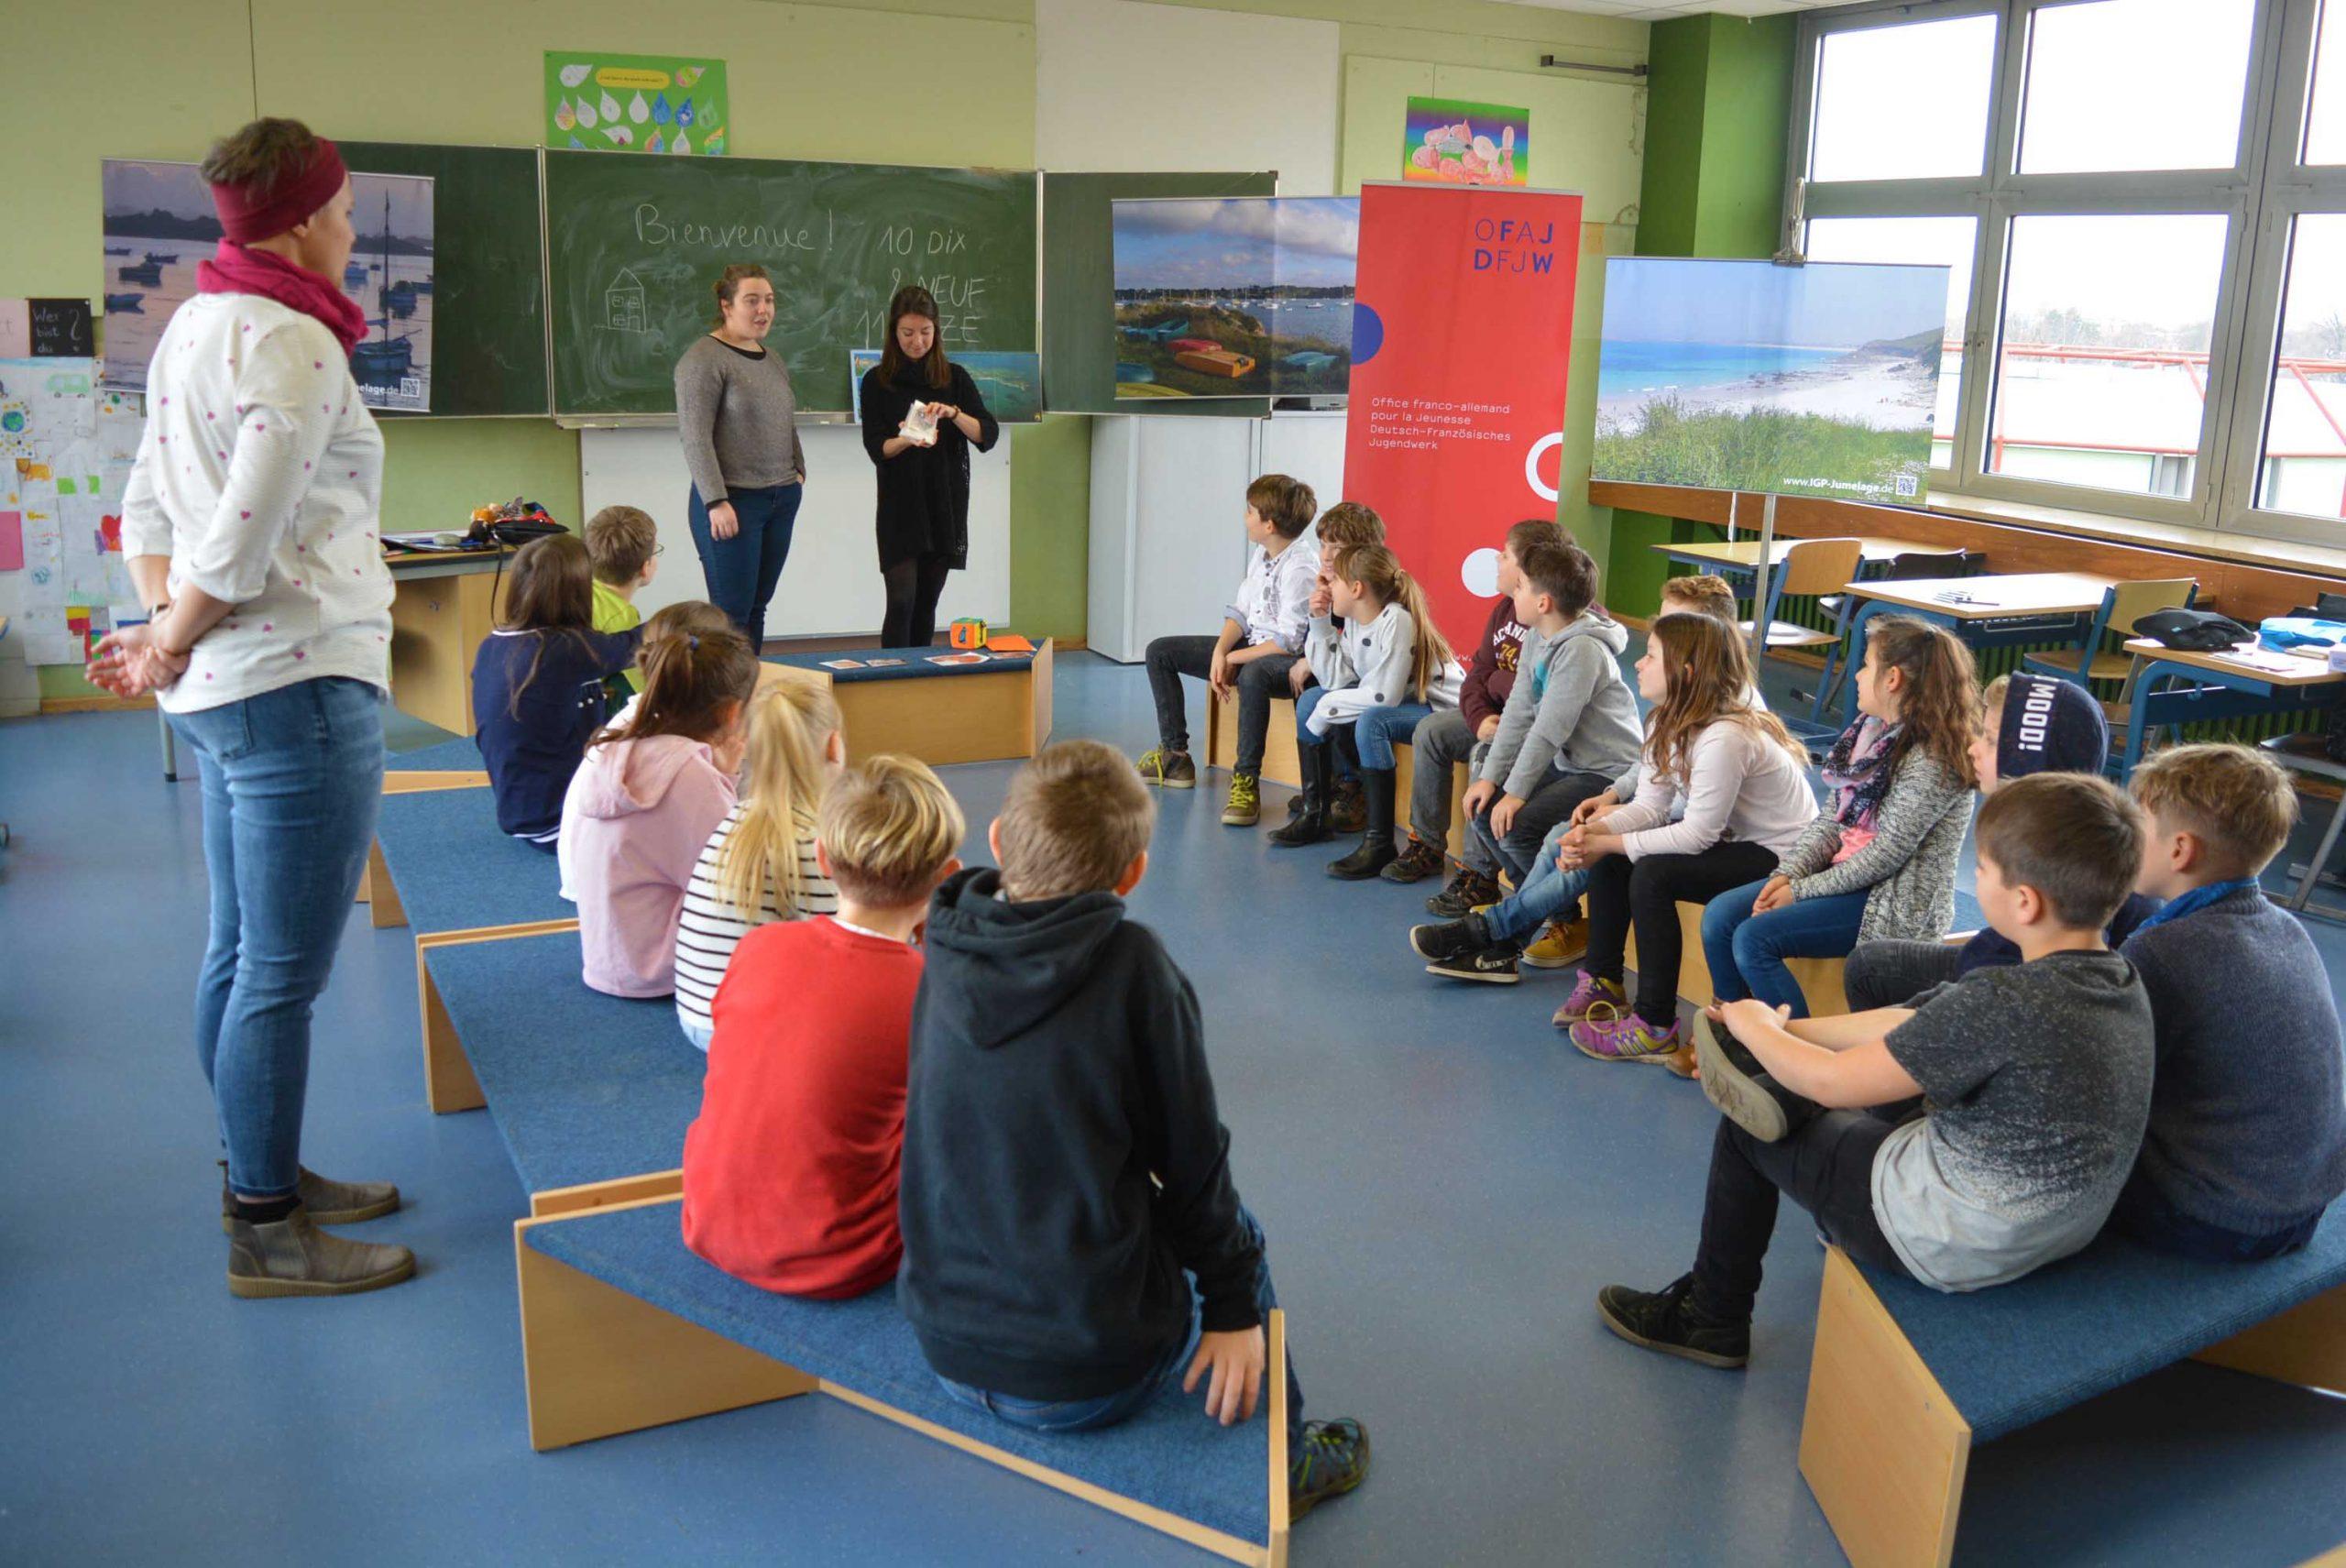 Die Kinder der Graf-von-Oberndorf-Schule konnten der sprachlichen Intervention der Leserin Ségolène Bulot und der Botschafterin Emma Iddir beiwohnen.